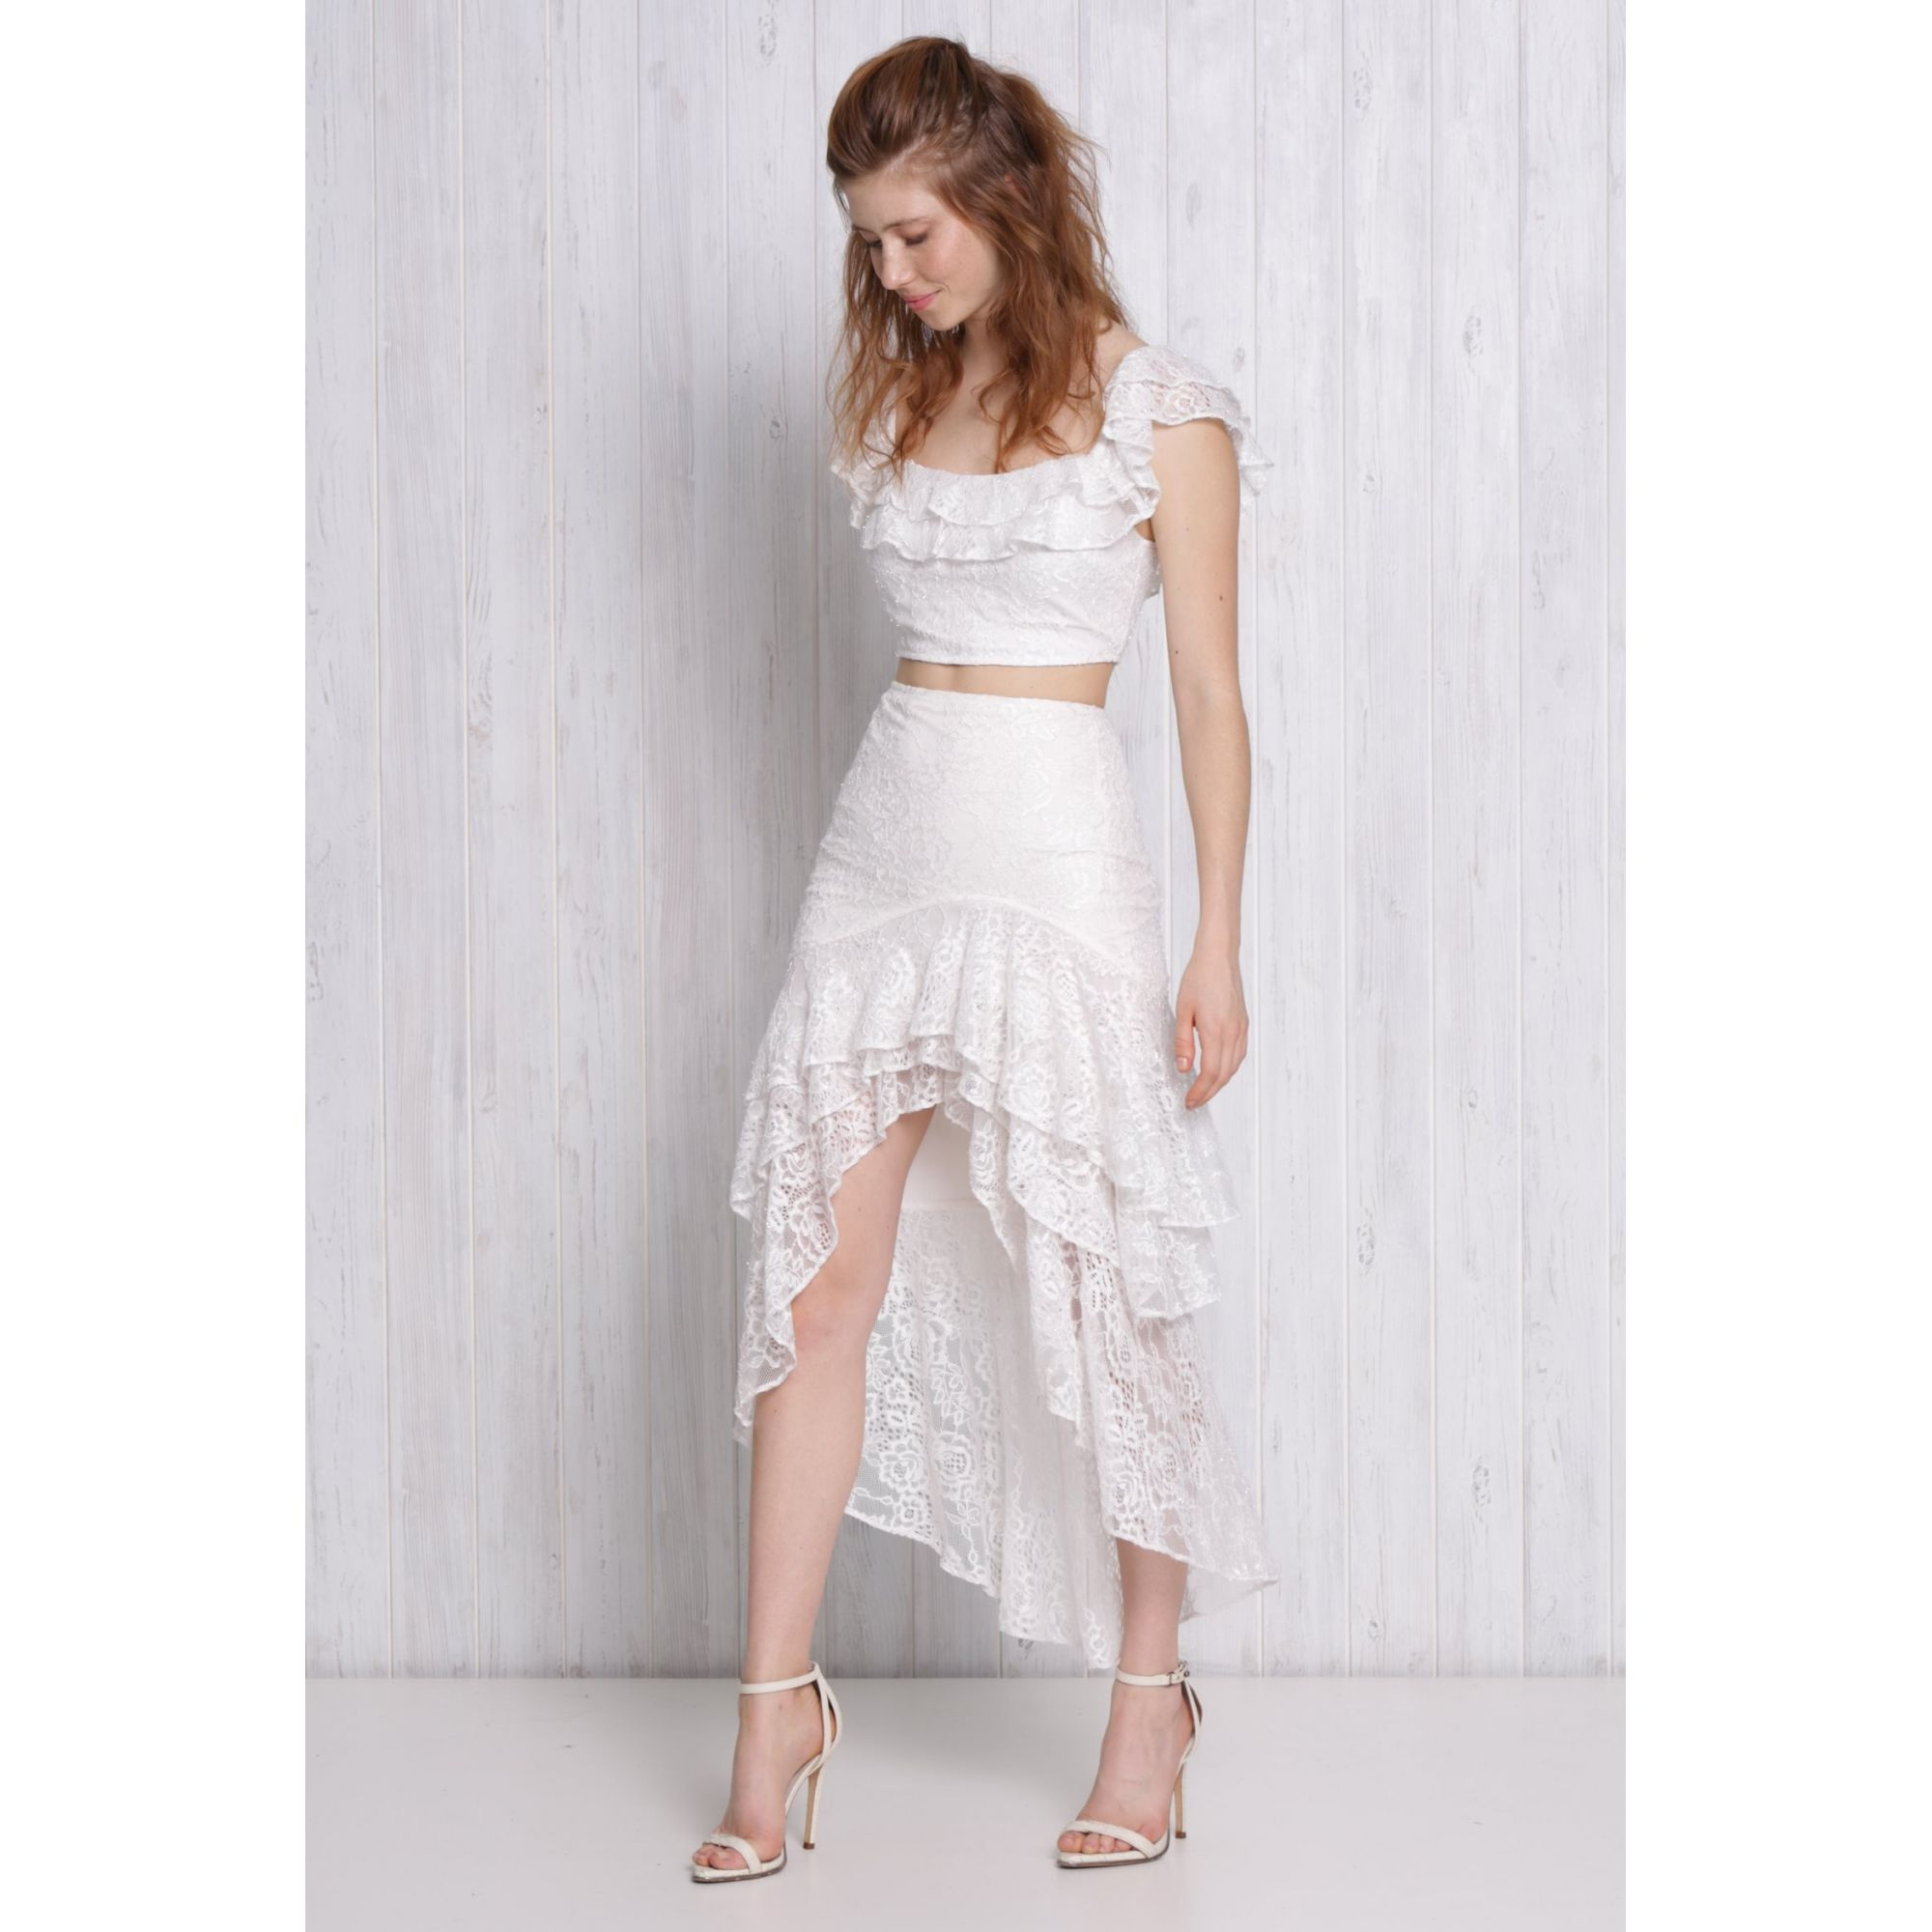 98458dbe40 produtos+vestidos+vestido+4120301+longo+tricot+manga+caida